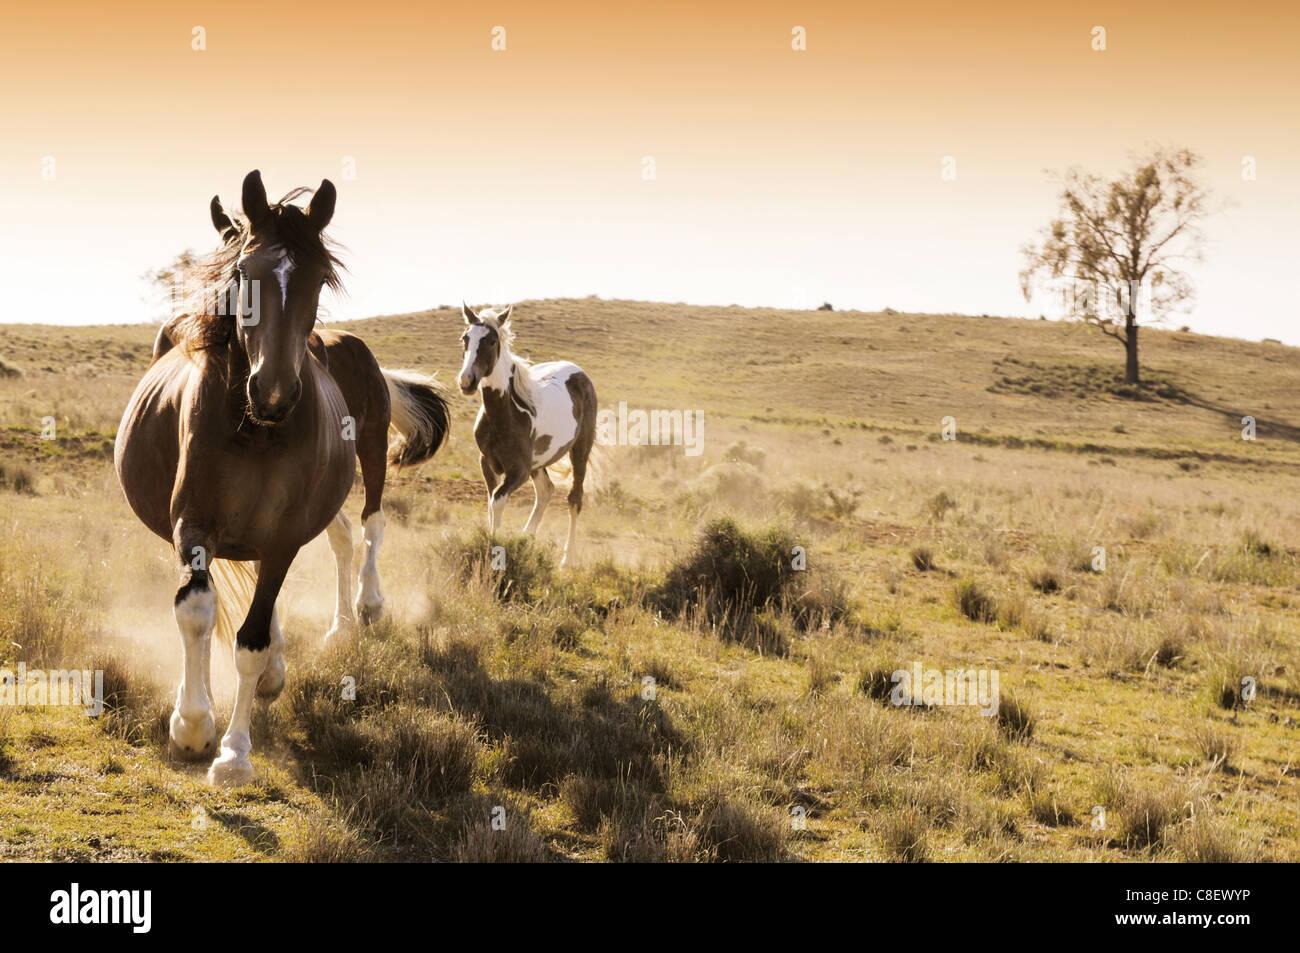 Stock cavalli su un australiano stazione di bestiame di sunrise Immagini Stock